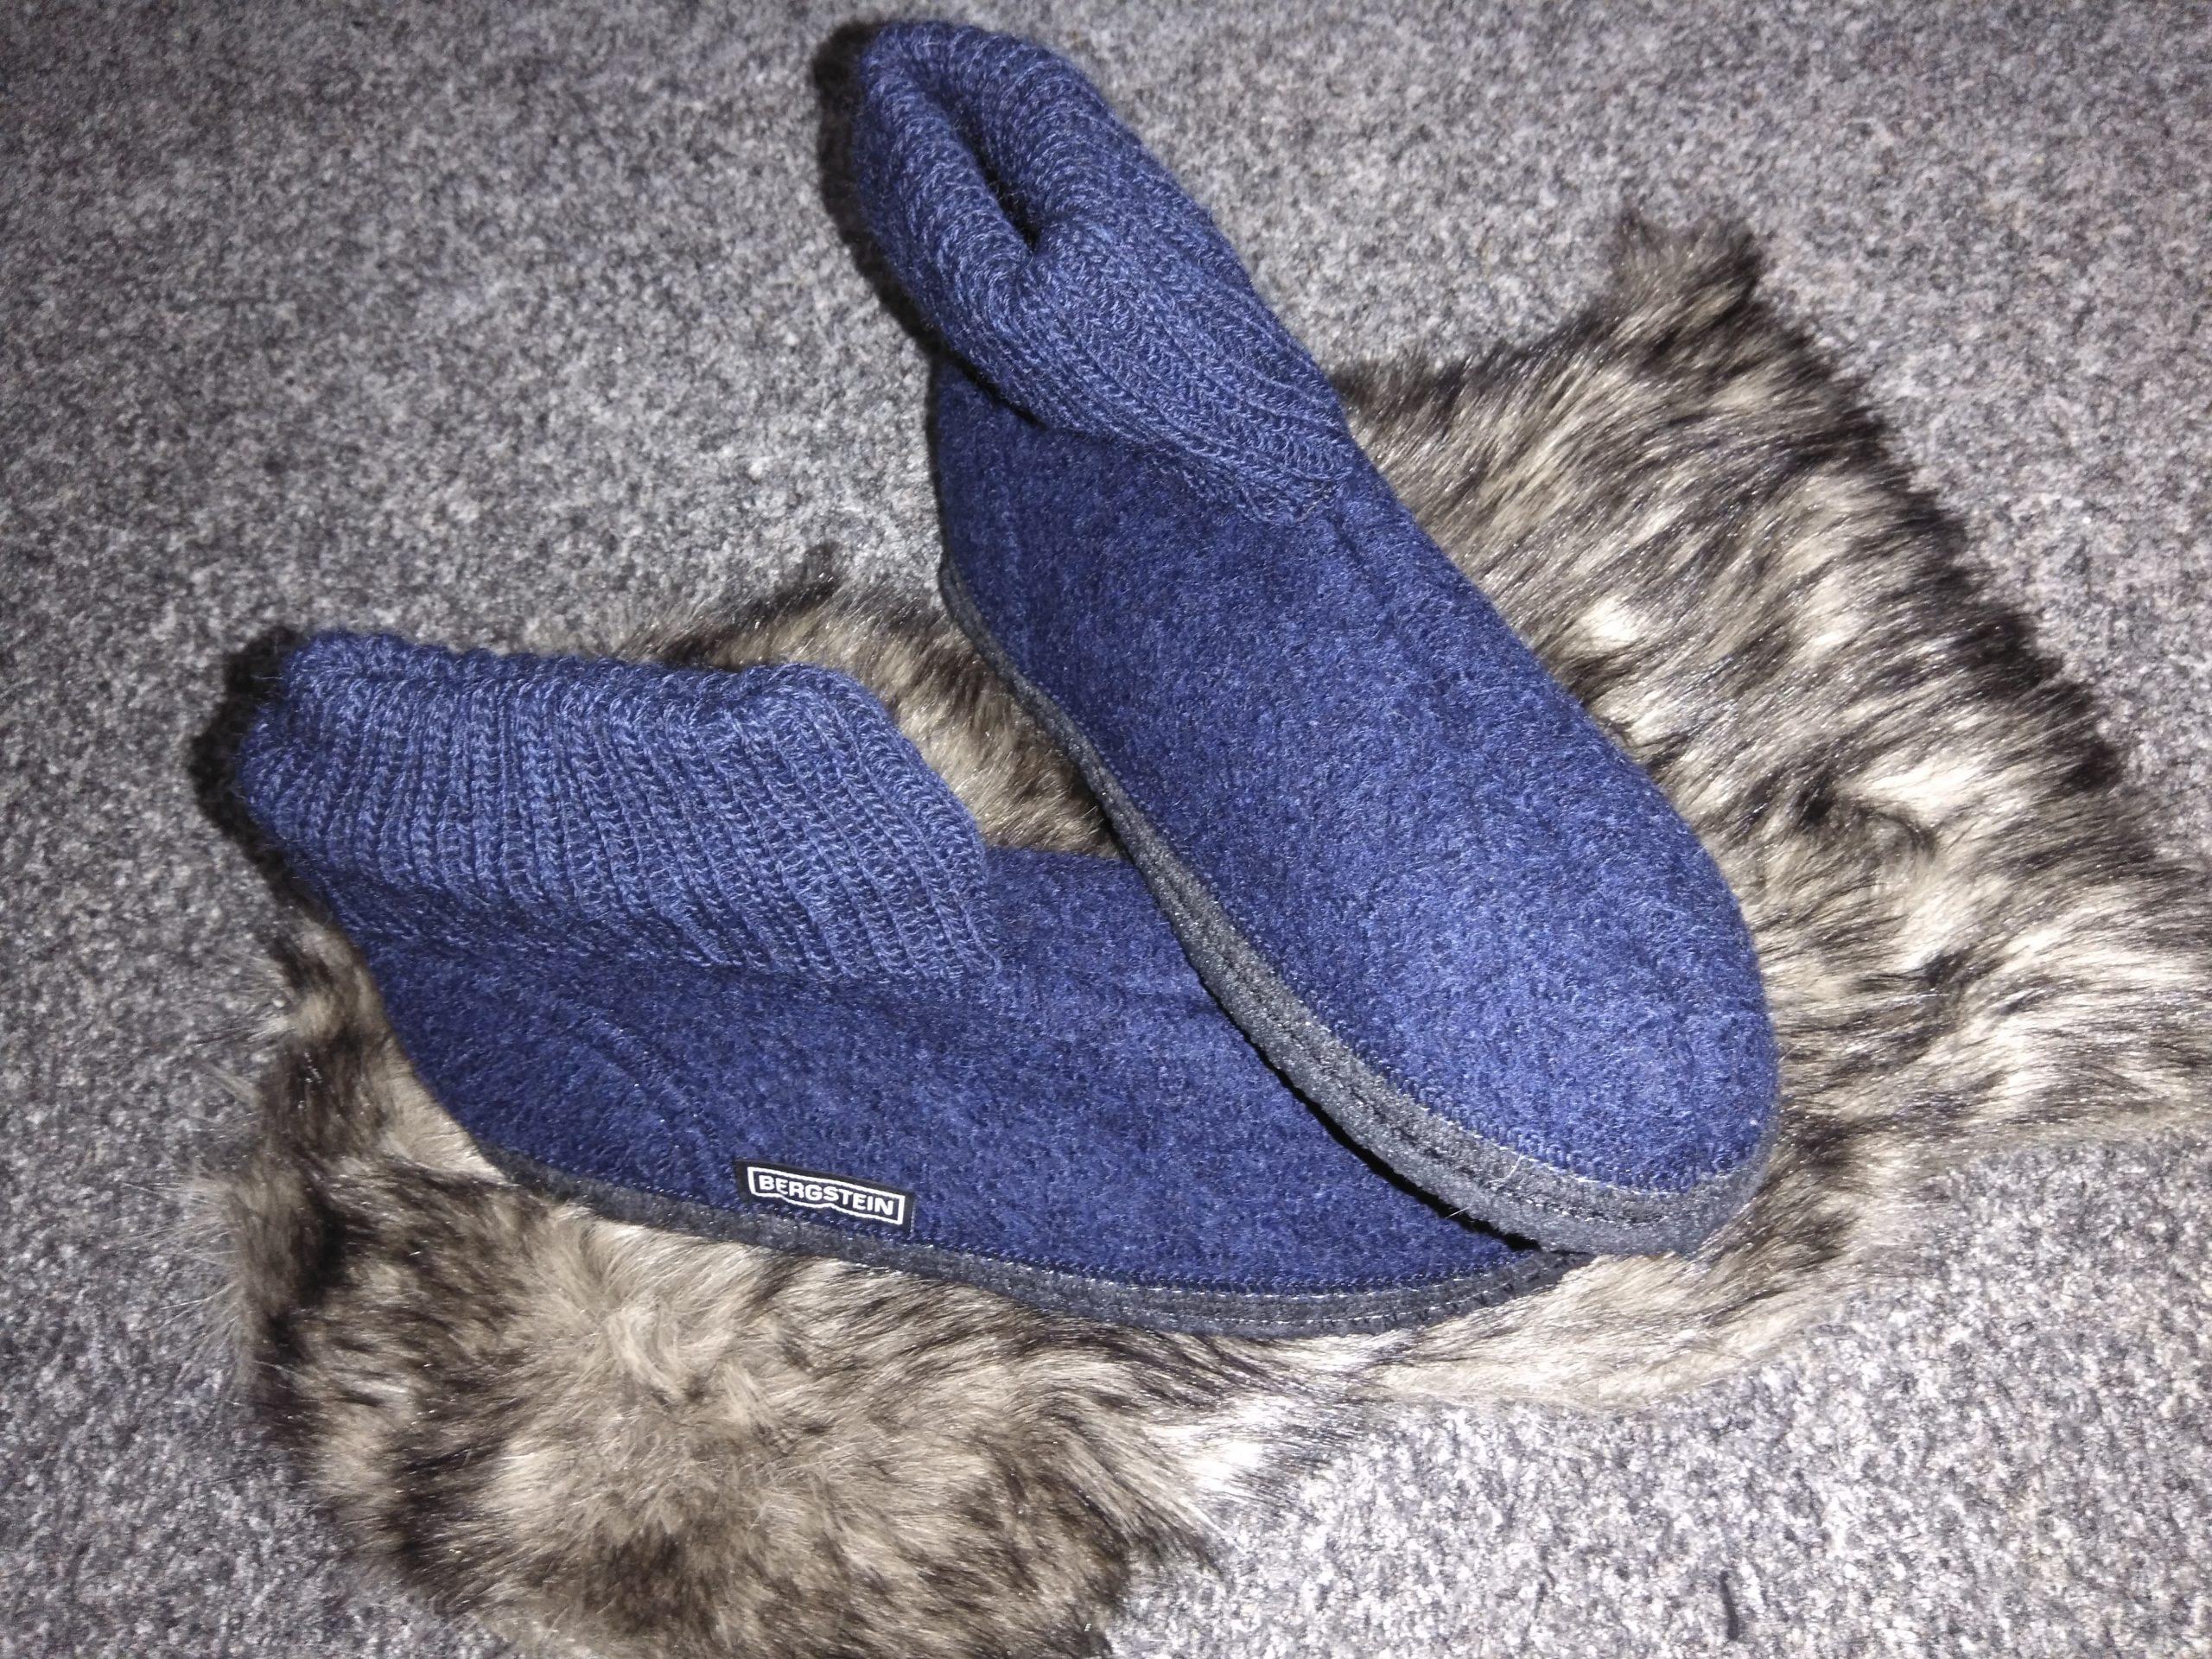 Heerlijk warm dekbed met bijpassend dekbedovertrek en altijd warme voeten